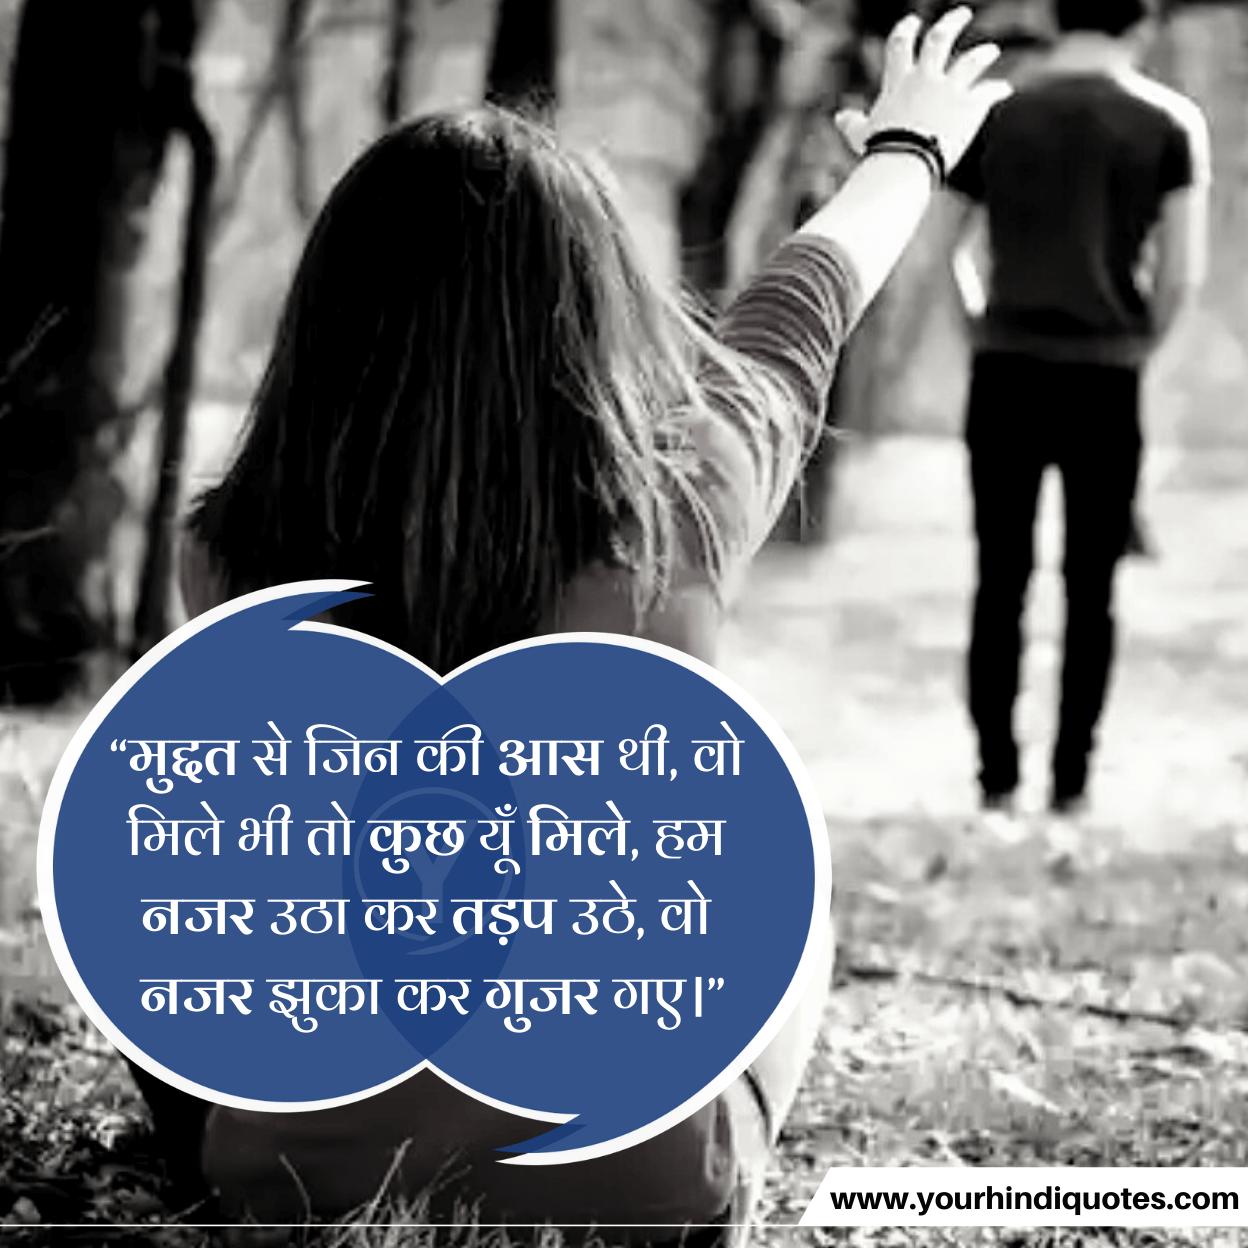 Hindi Sad Quotes picture